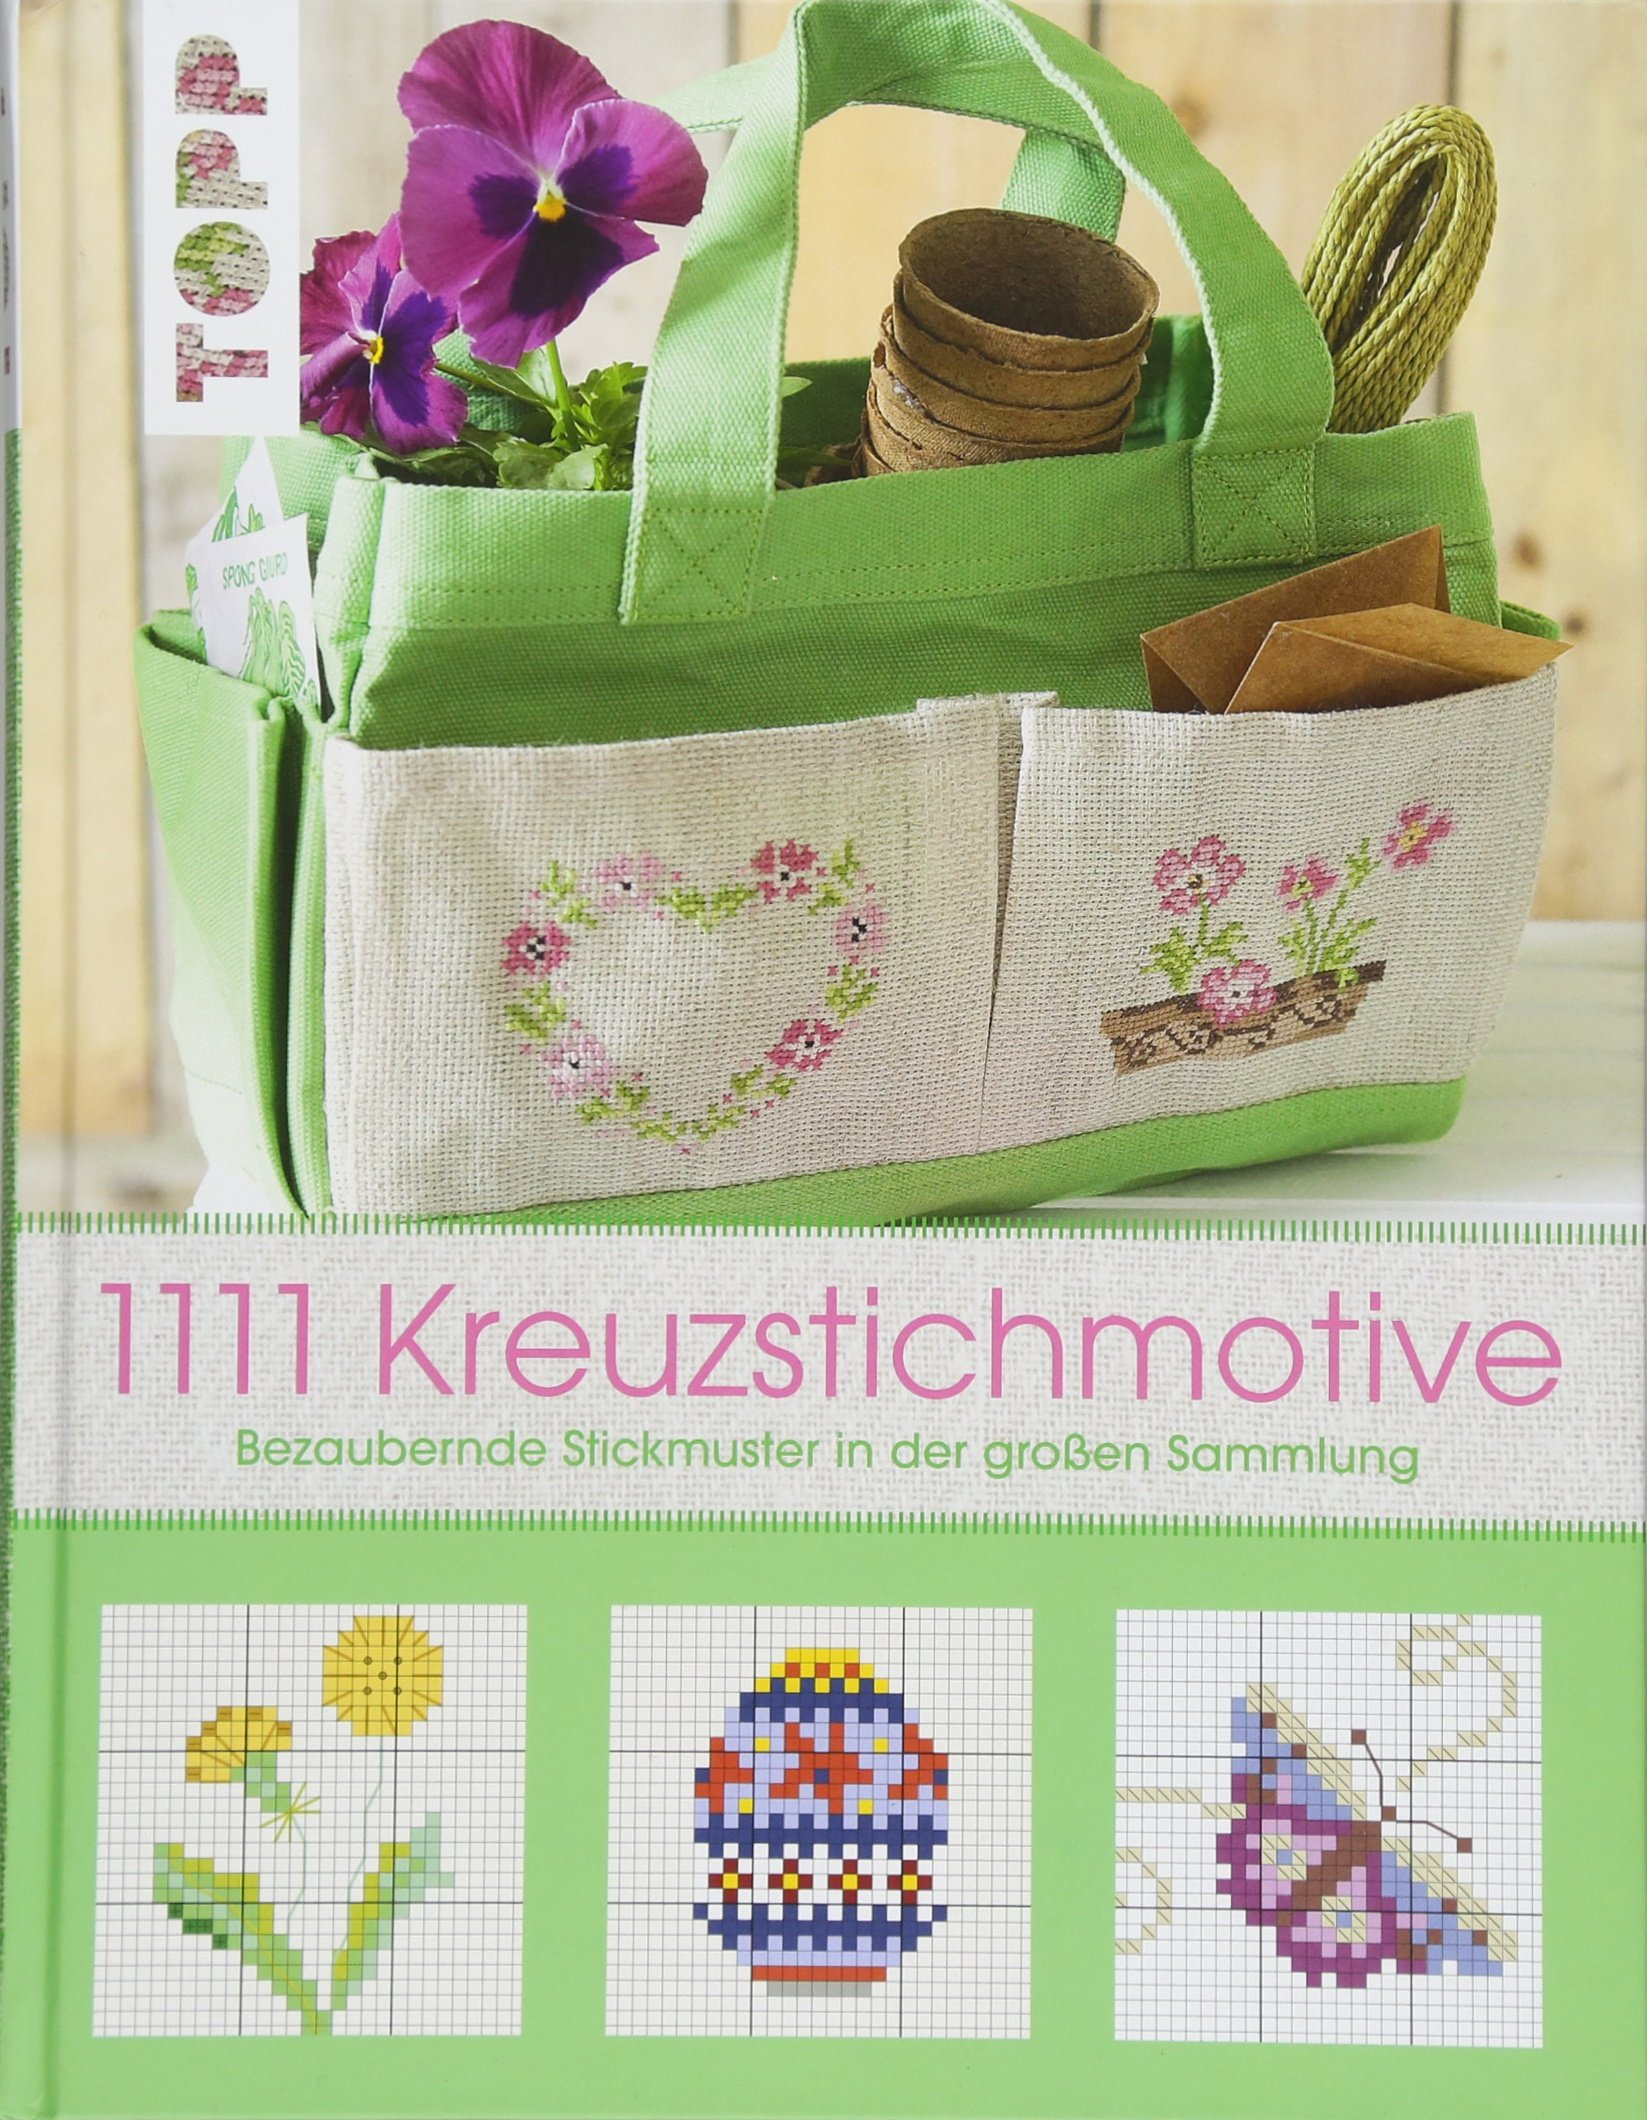 1111 Kreuzstichmotive: Bezaubernde Stickmuster in der großen Sammlung